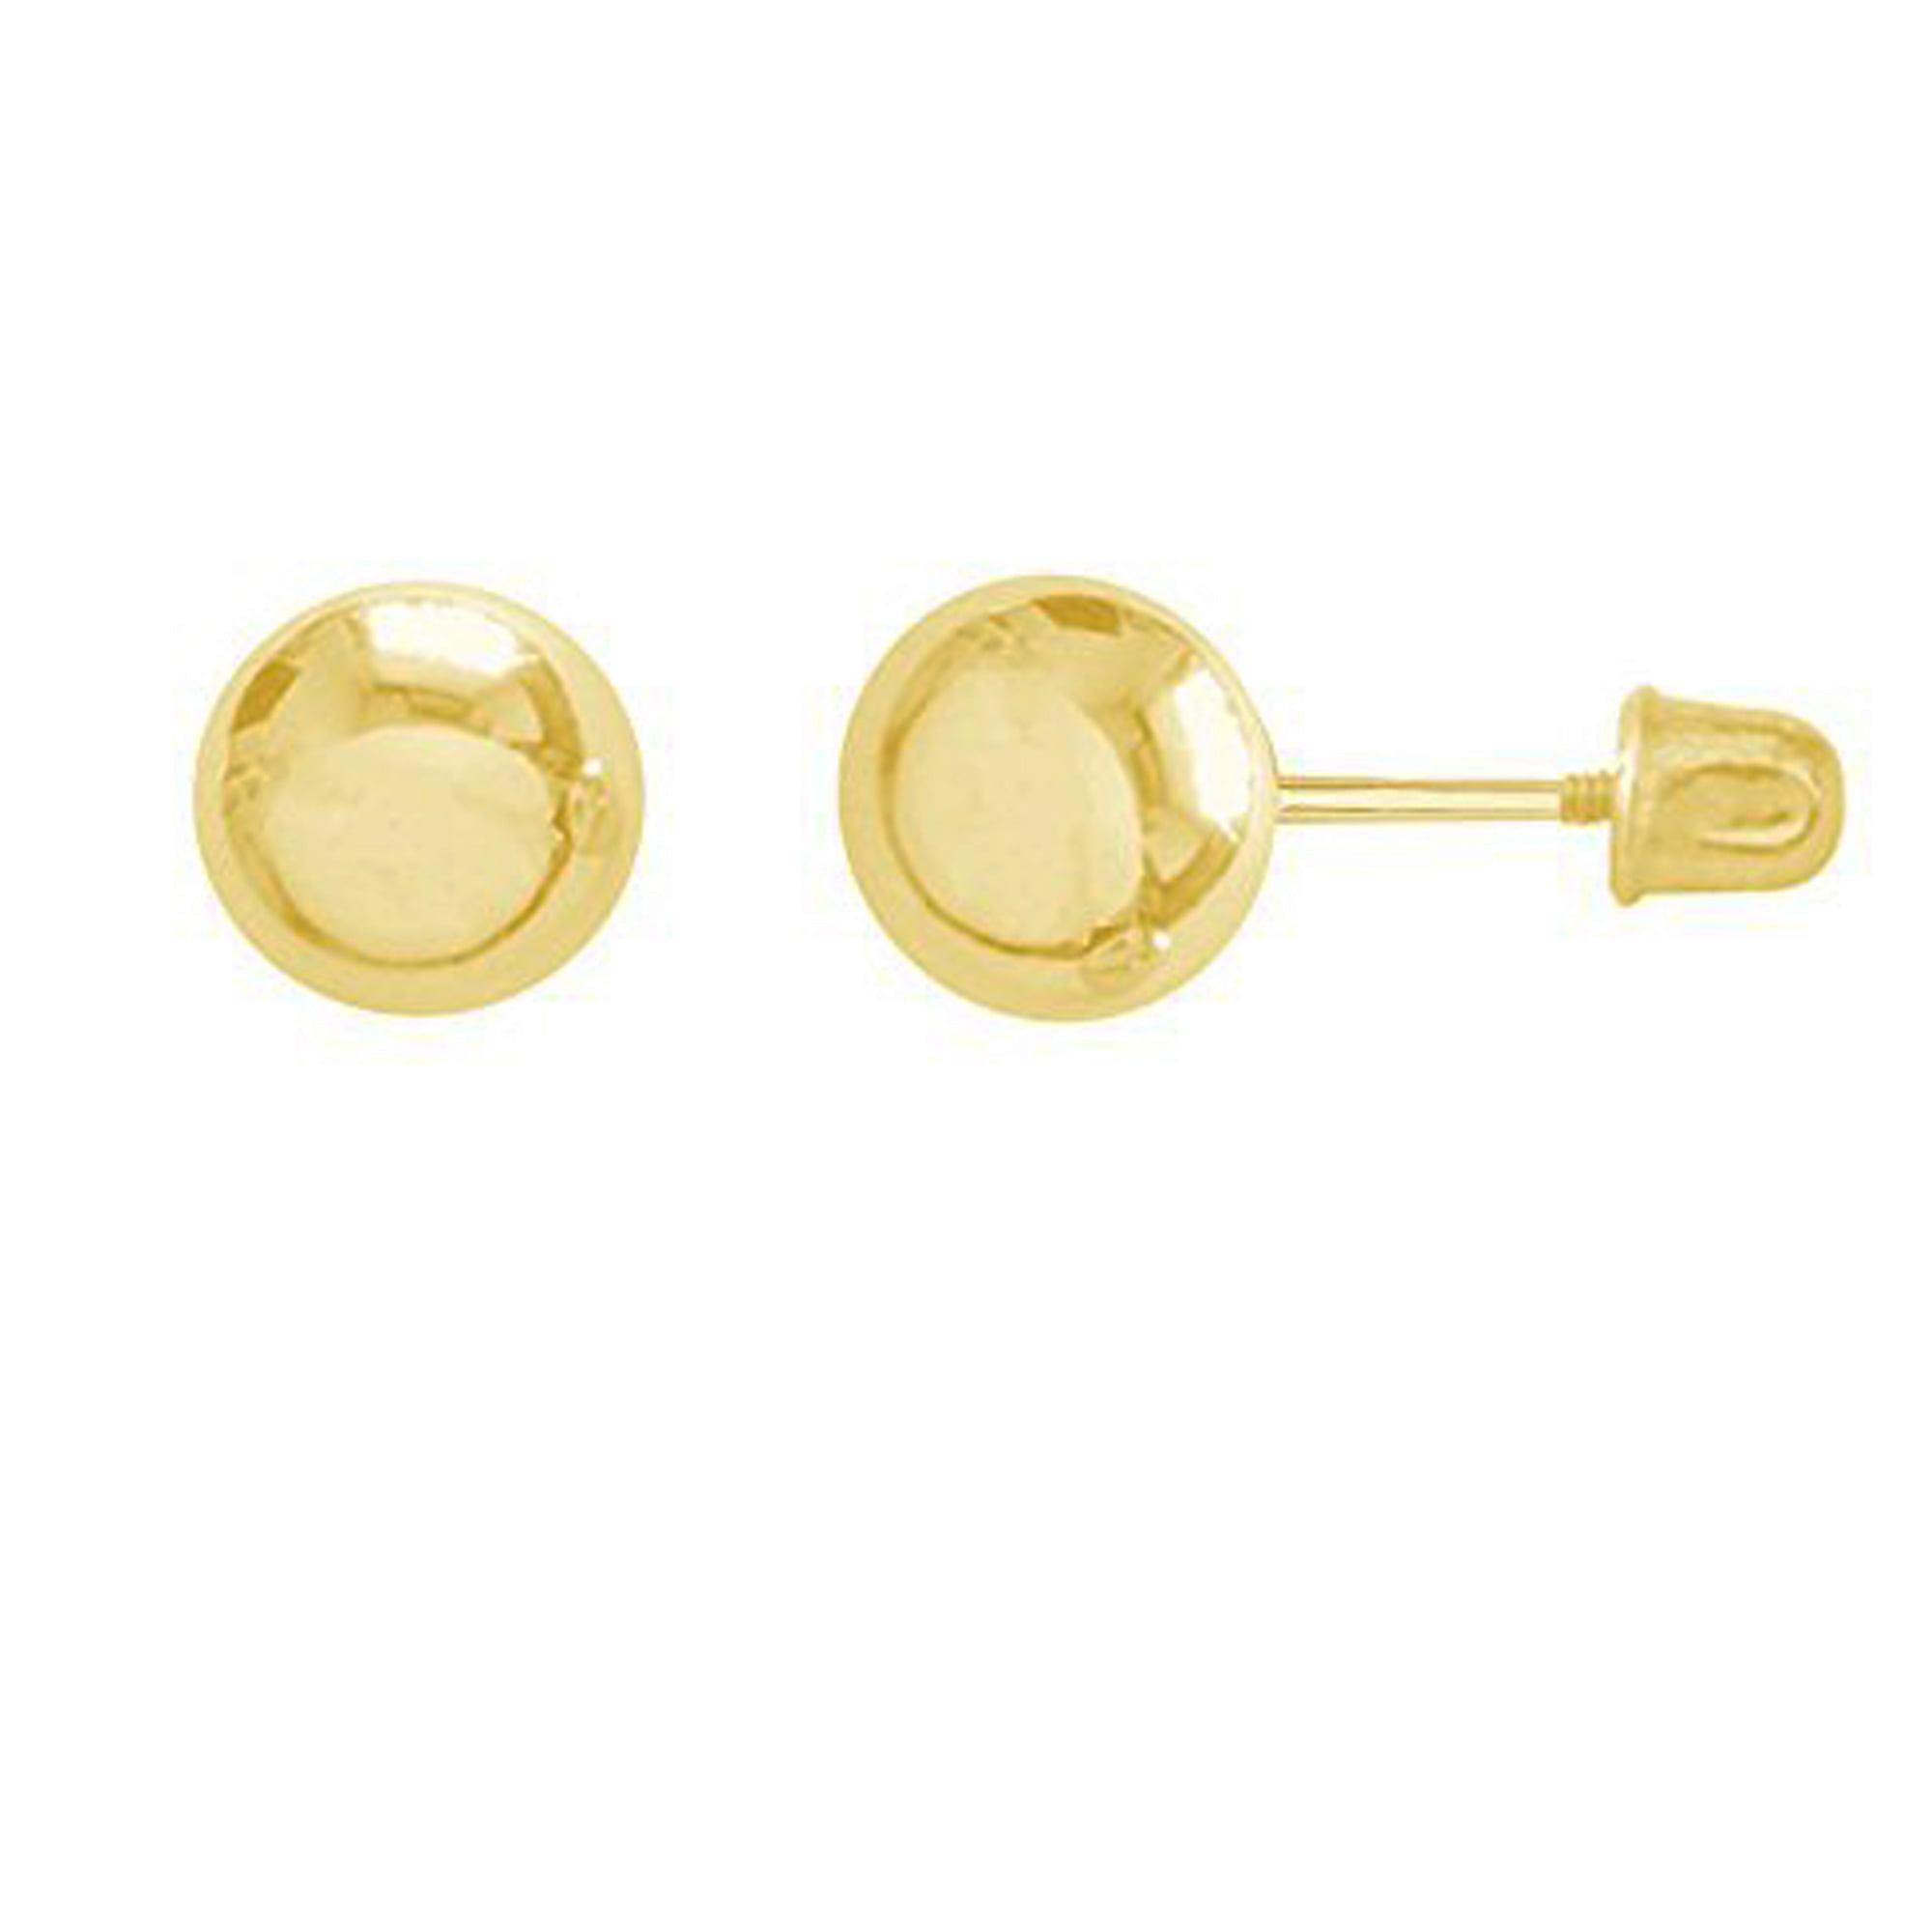 """14K Gold Hoops Tubular Hoop /""""U/"""" Wire Earrings 16mm"""